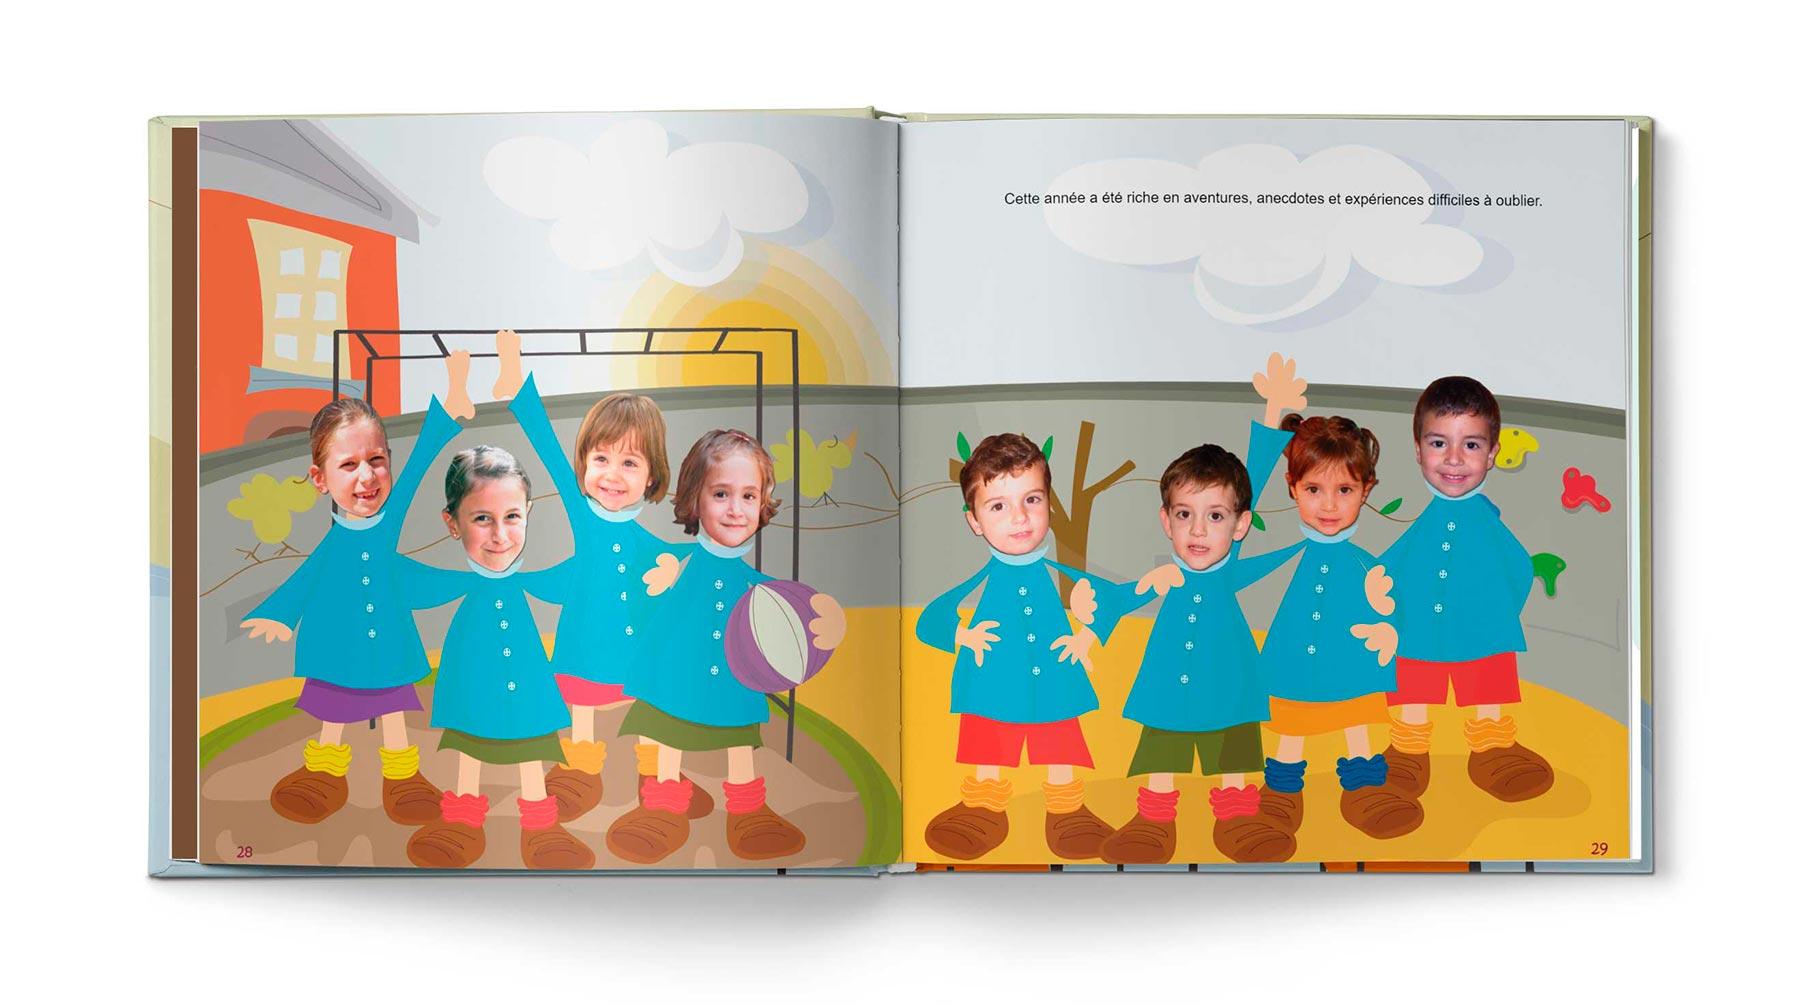 Histoire Le livre d'école - Image 14